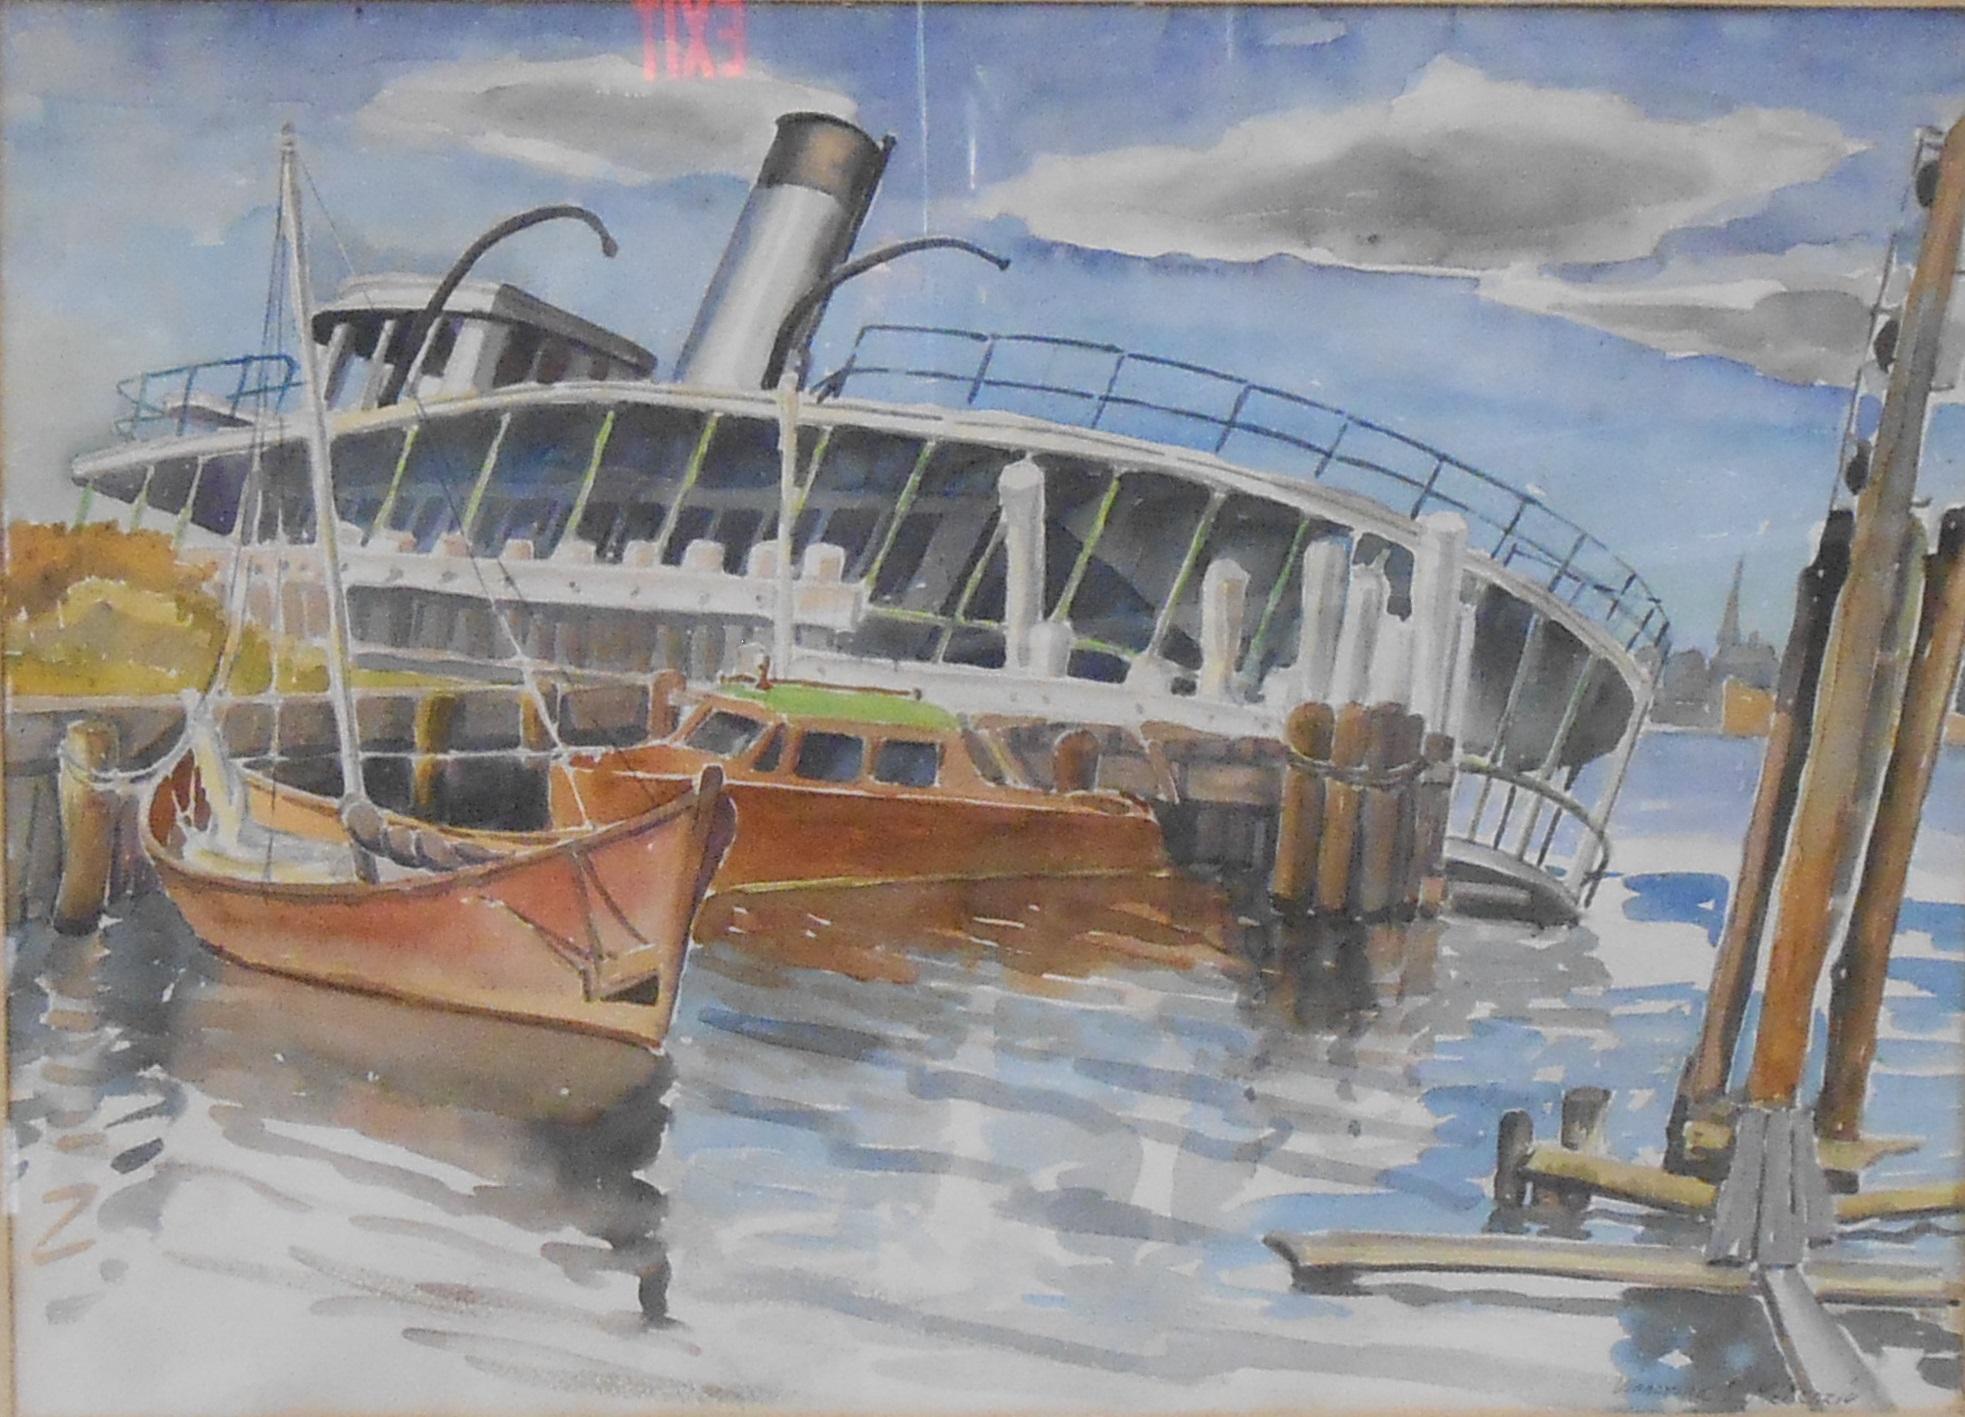 Vinnorma Shaw Mckenzie, Boat